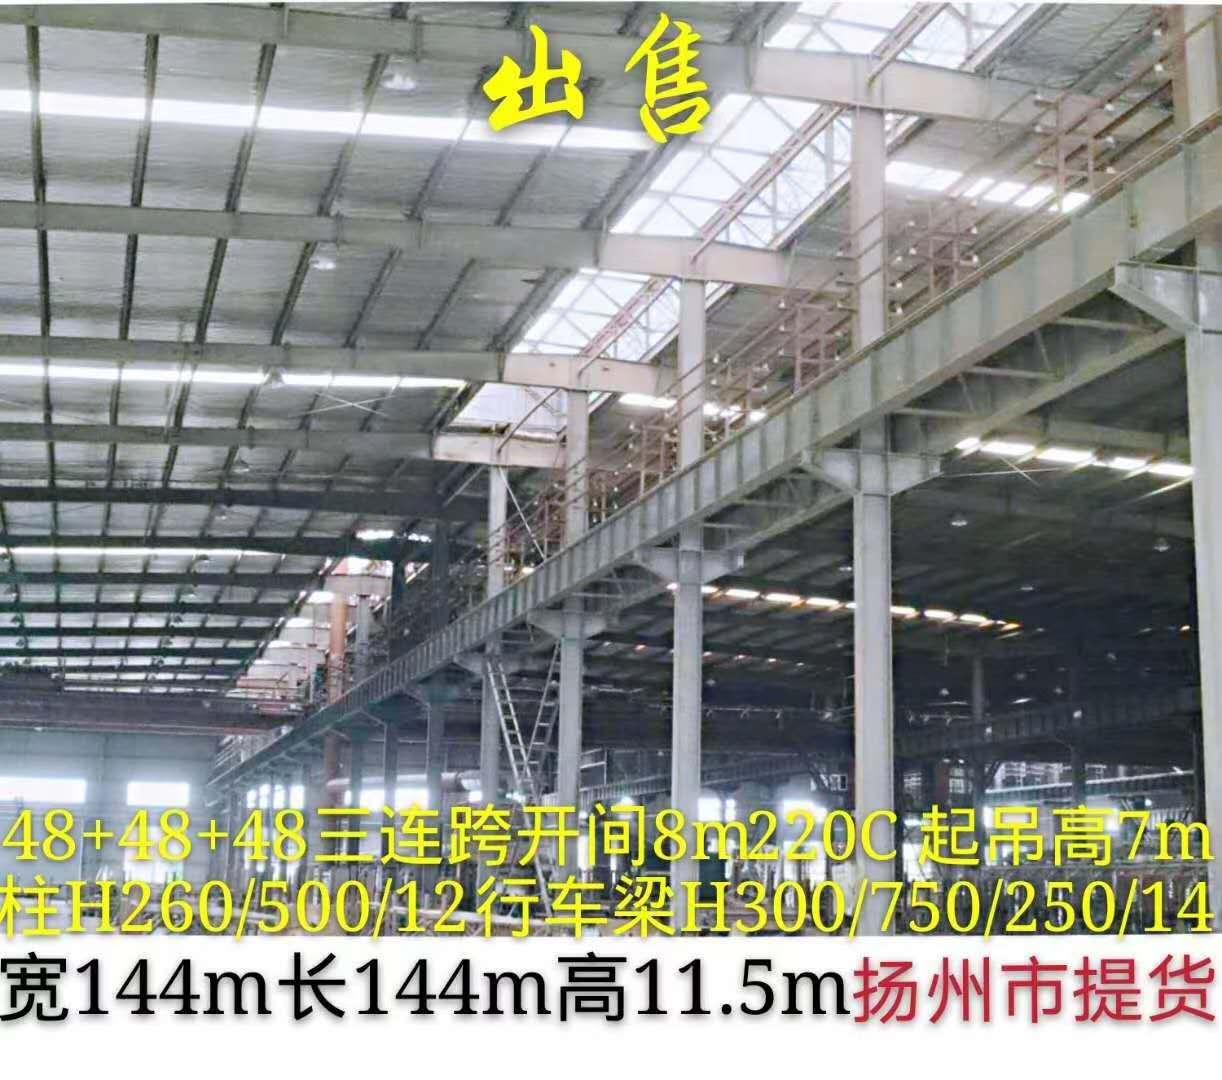 出售钢结构厂房30米跨度,长144米。柱高11米。配有10+5吨双梁行车2部